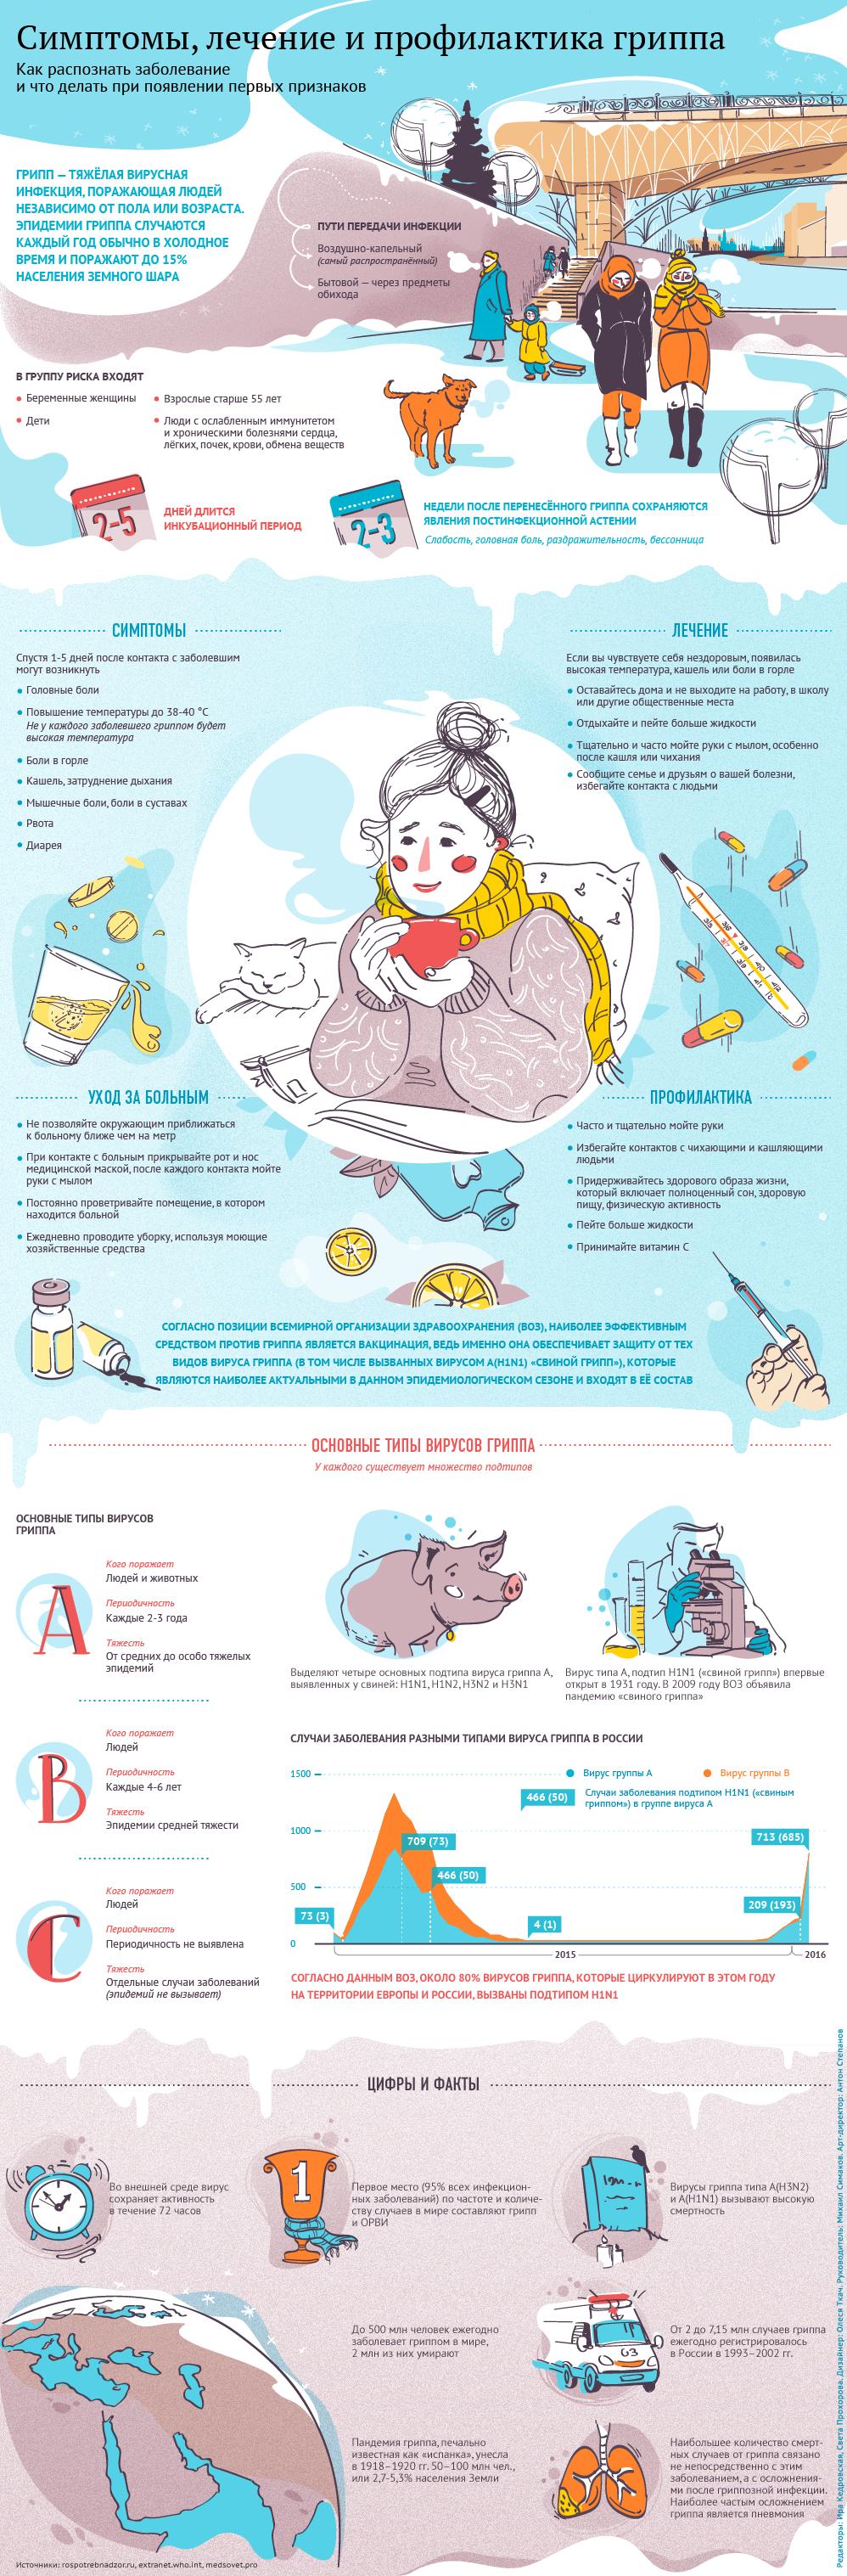 Симптомы, лечение и профилактика гриппа - Sputnik Таджикистан